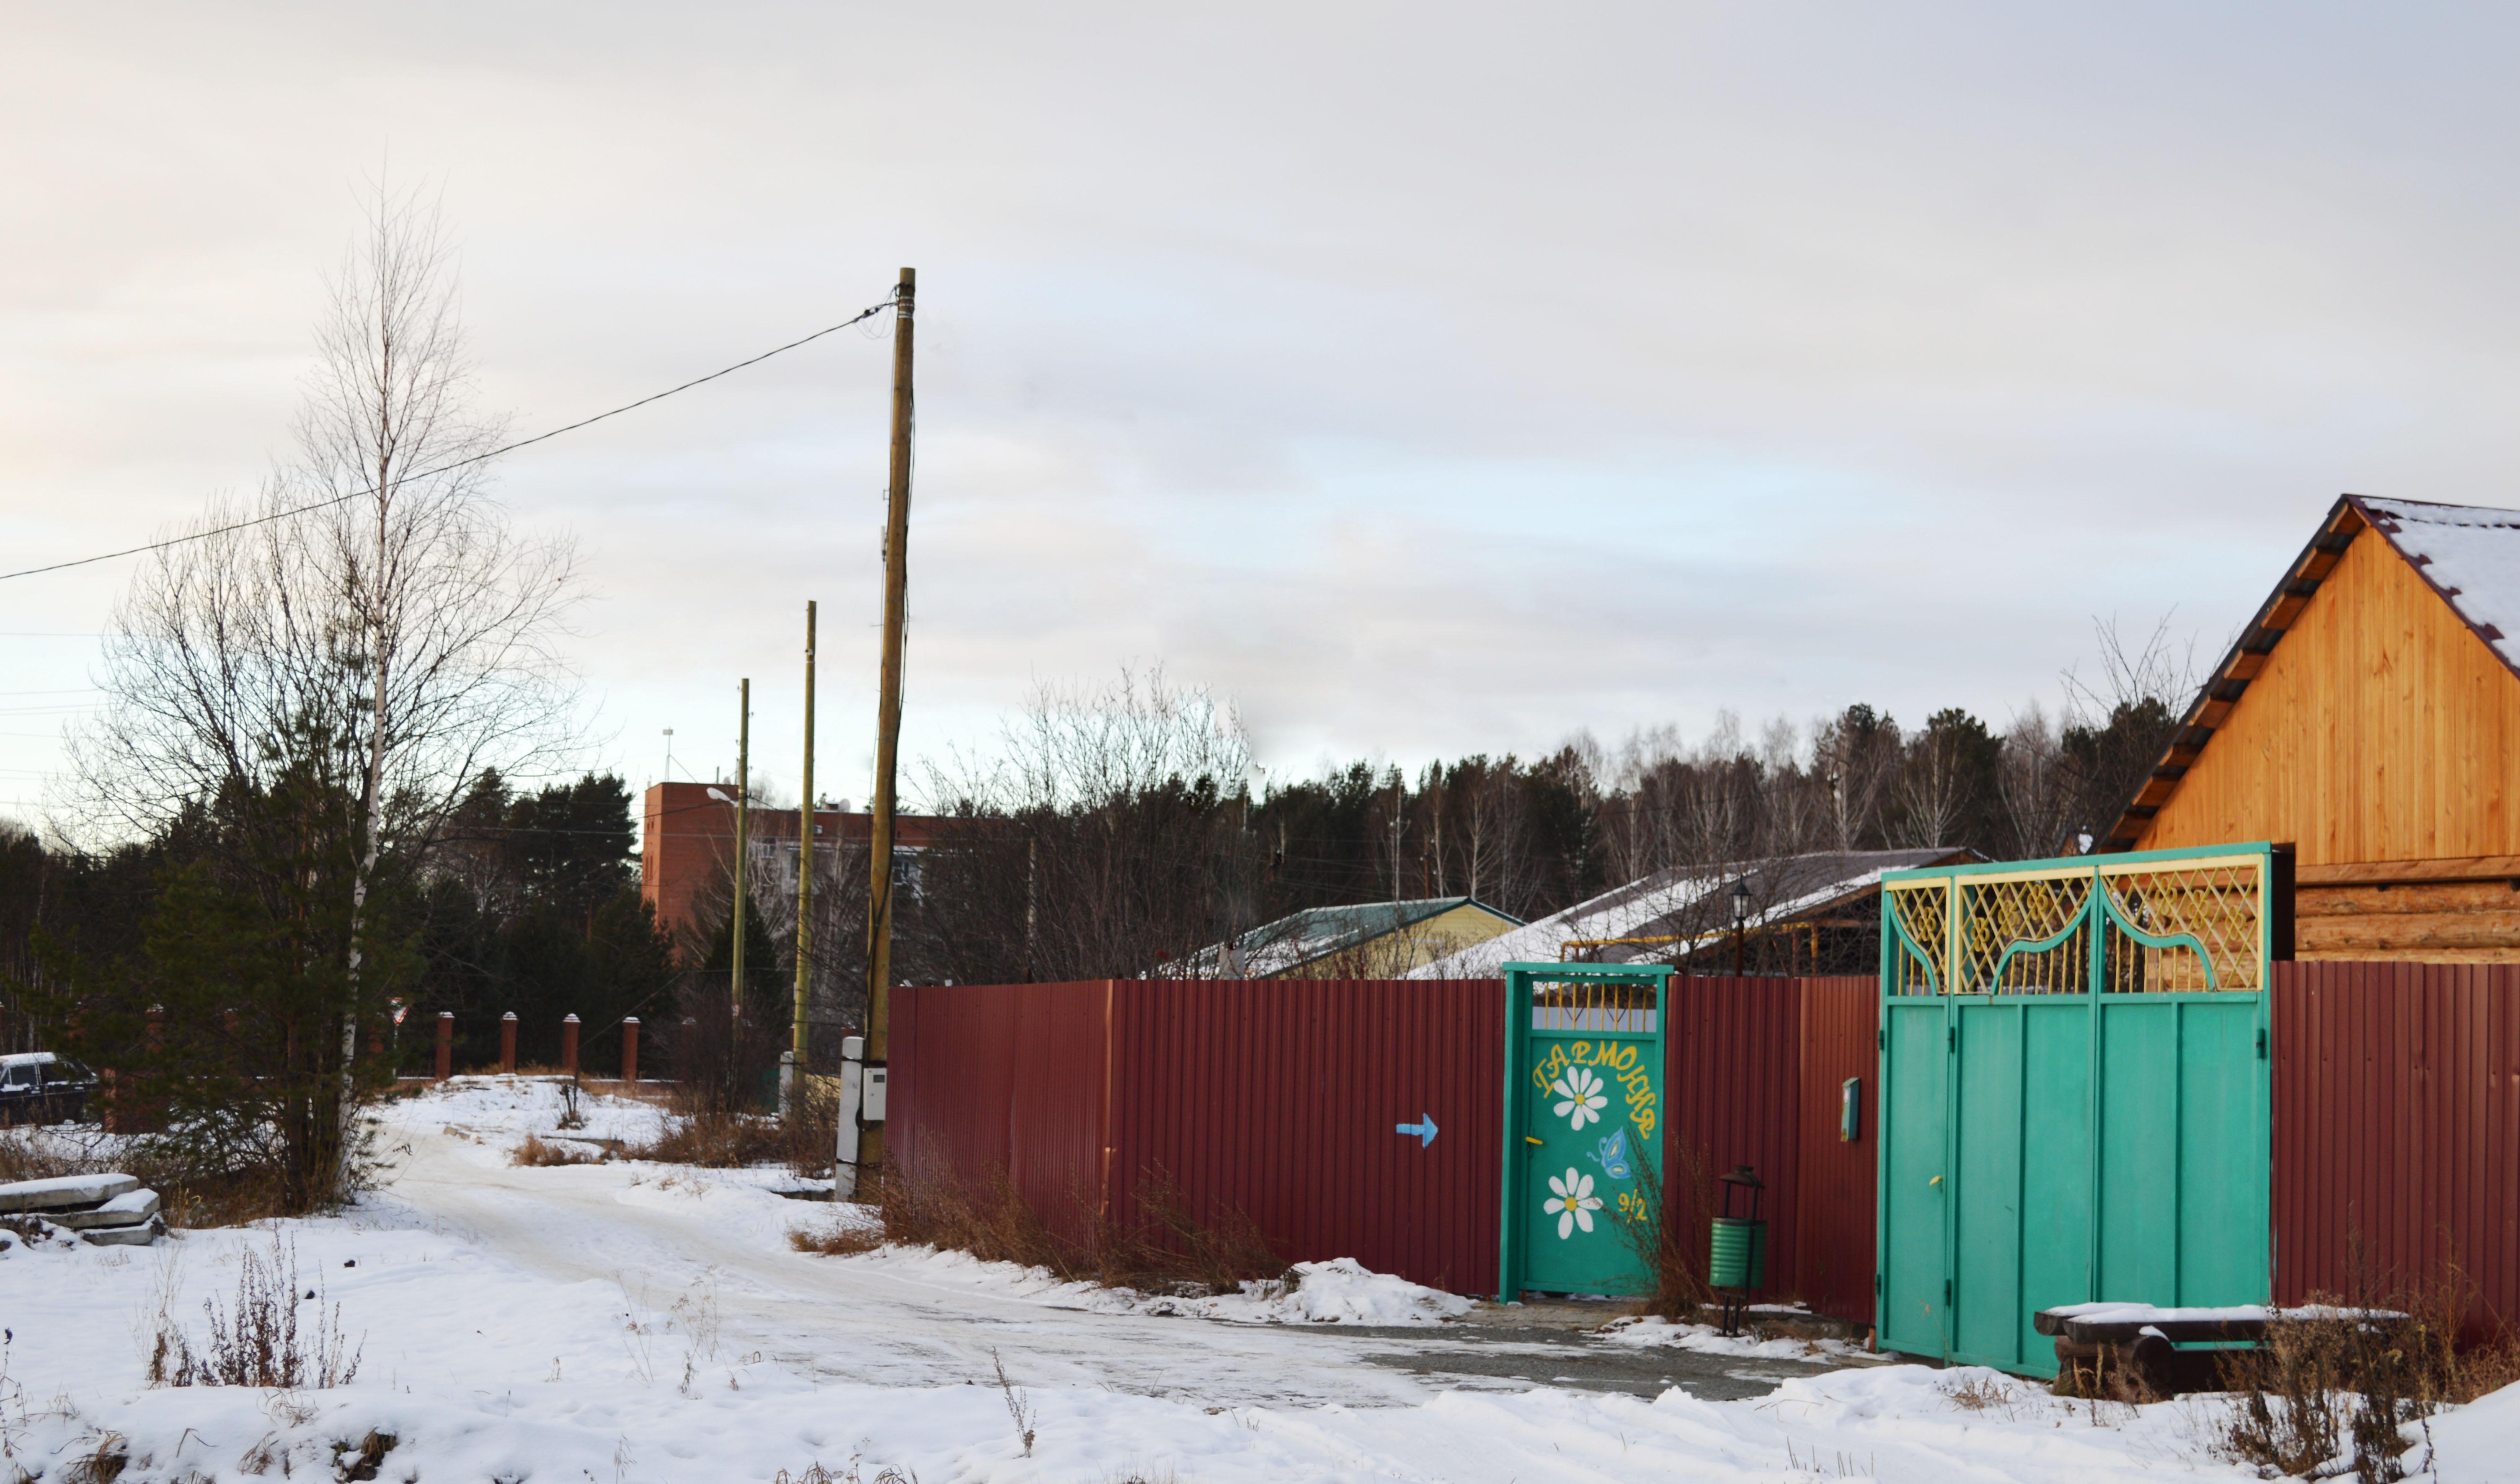 липовка санаторий свердловской